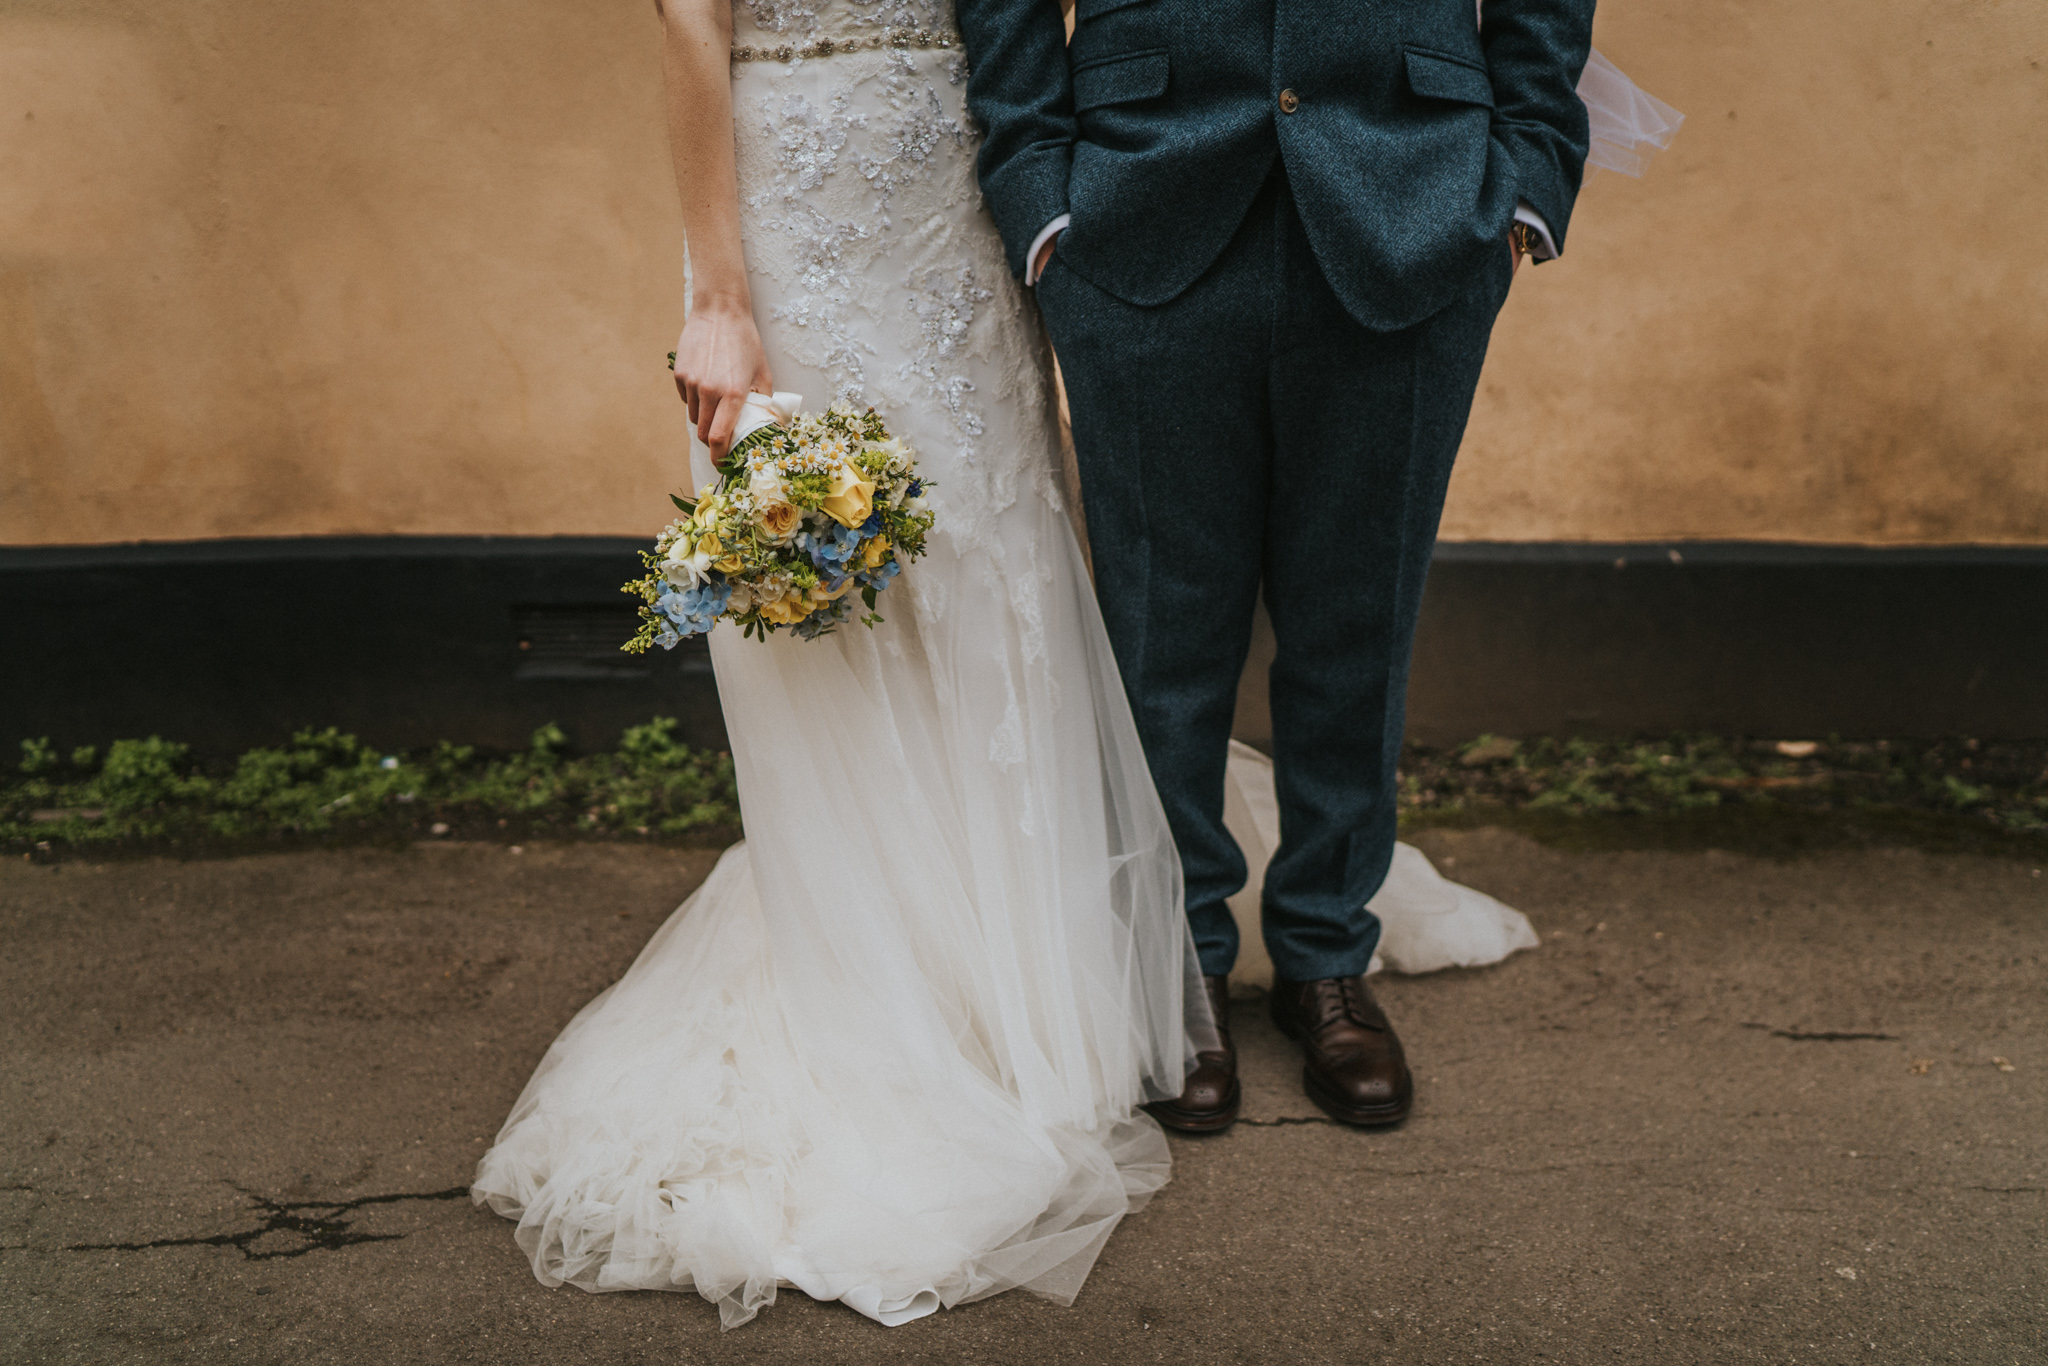 anne-charlie-maldon-all-saints-church-wedding-intimate-wedding-grace-elizabeth-colchester-essex-alternative-wedding-lifestyle-photographer-colchester-essex-suffolk-norfolk-devon (15 of 17).jpg